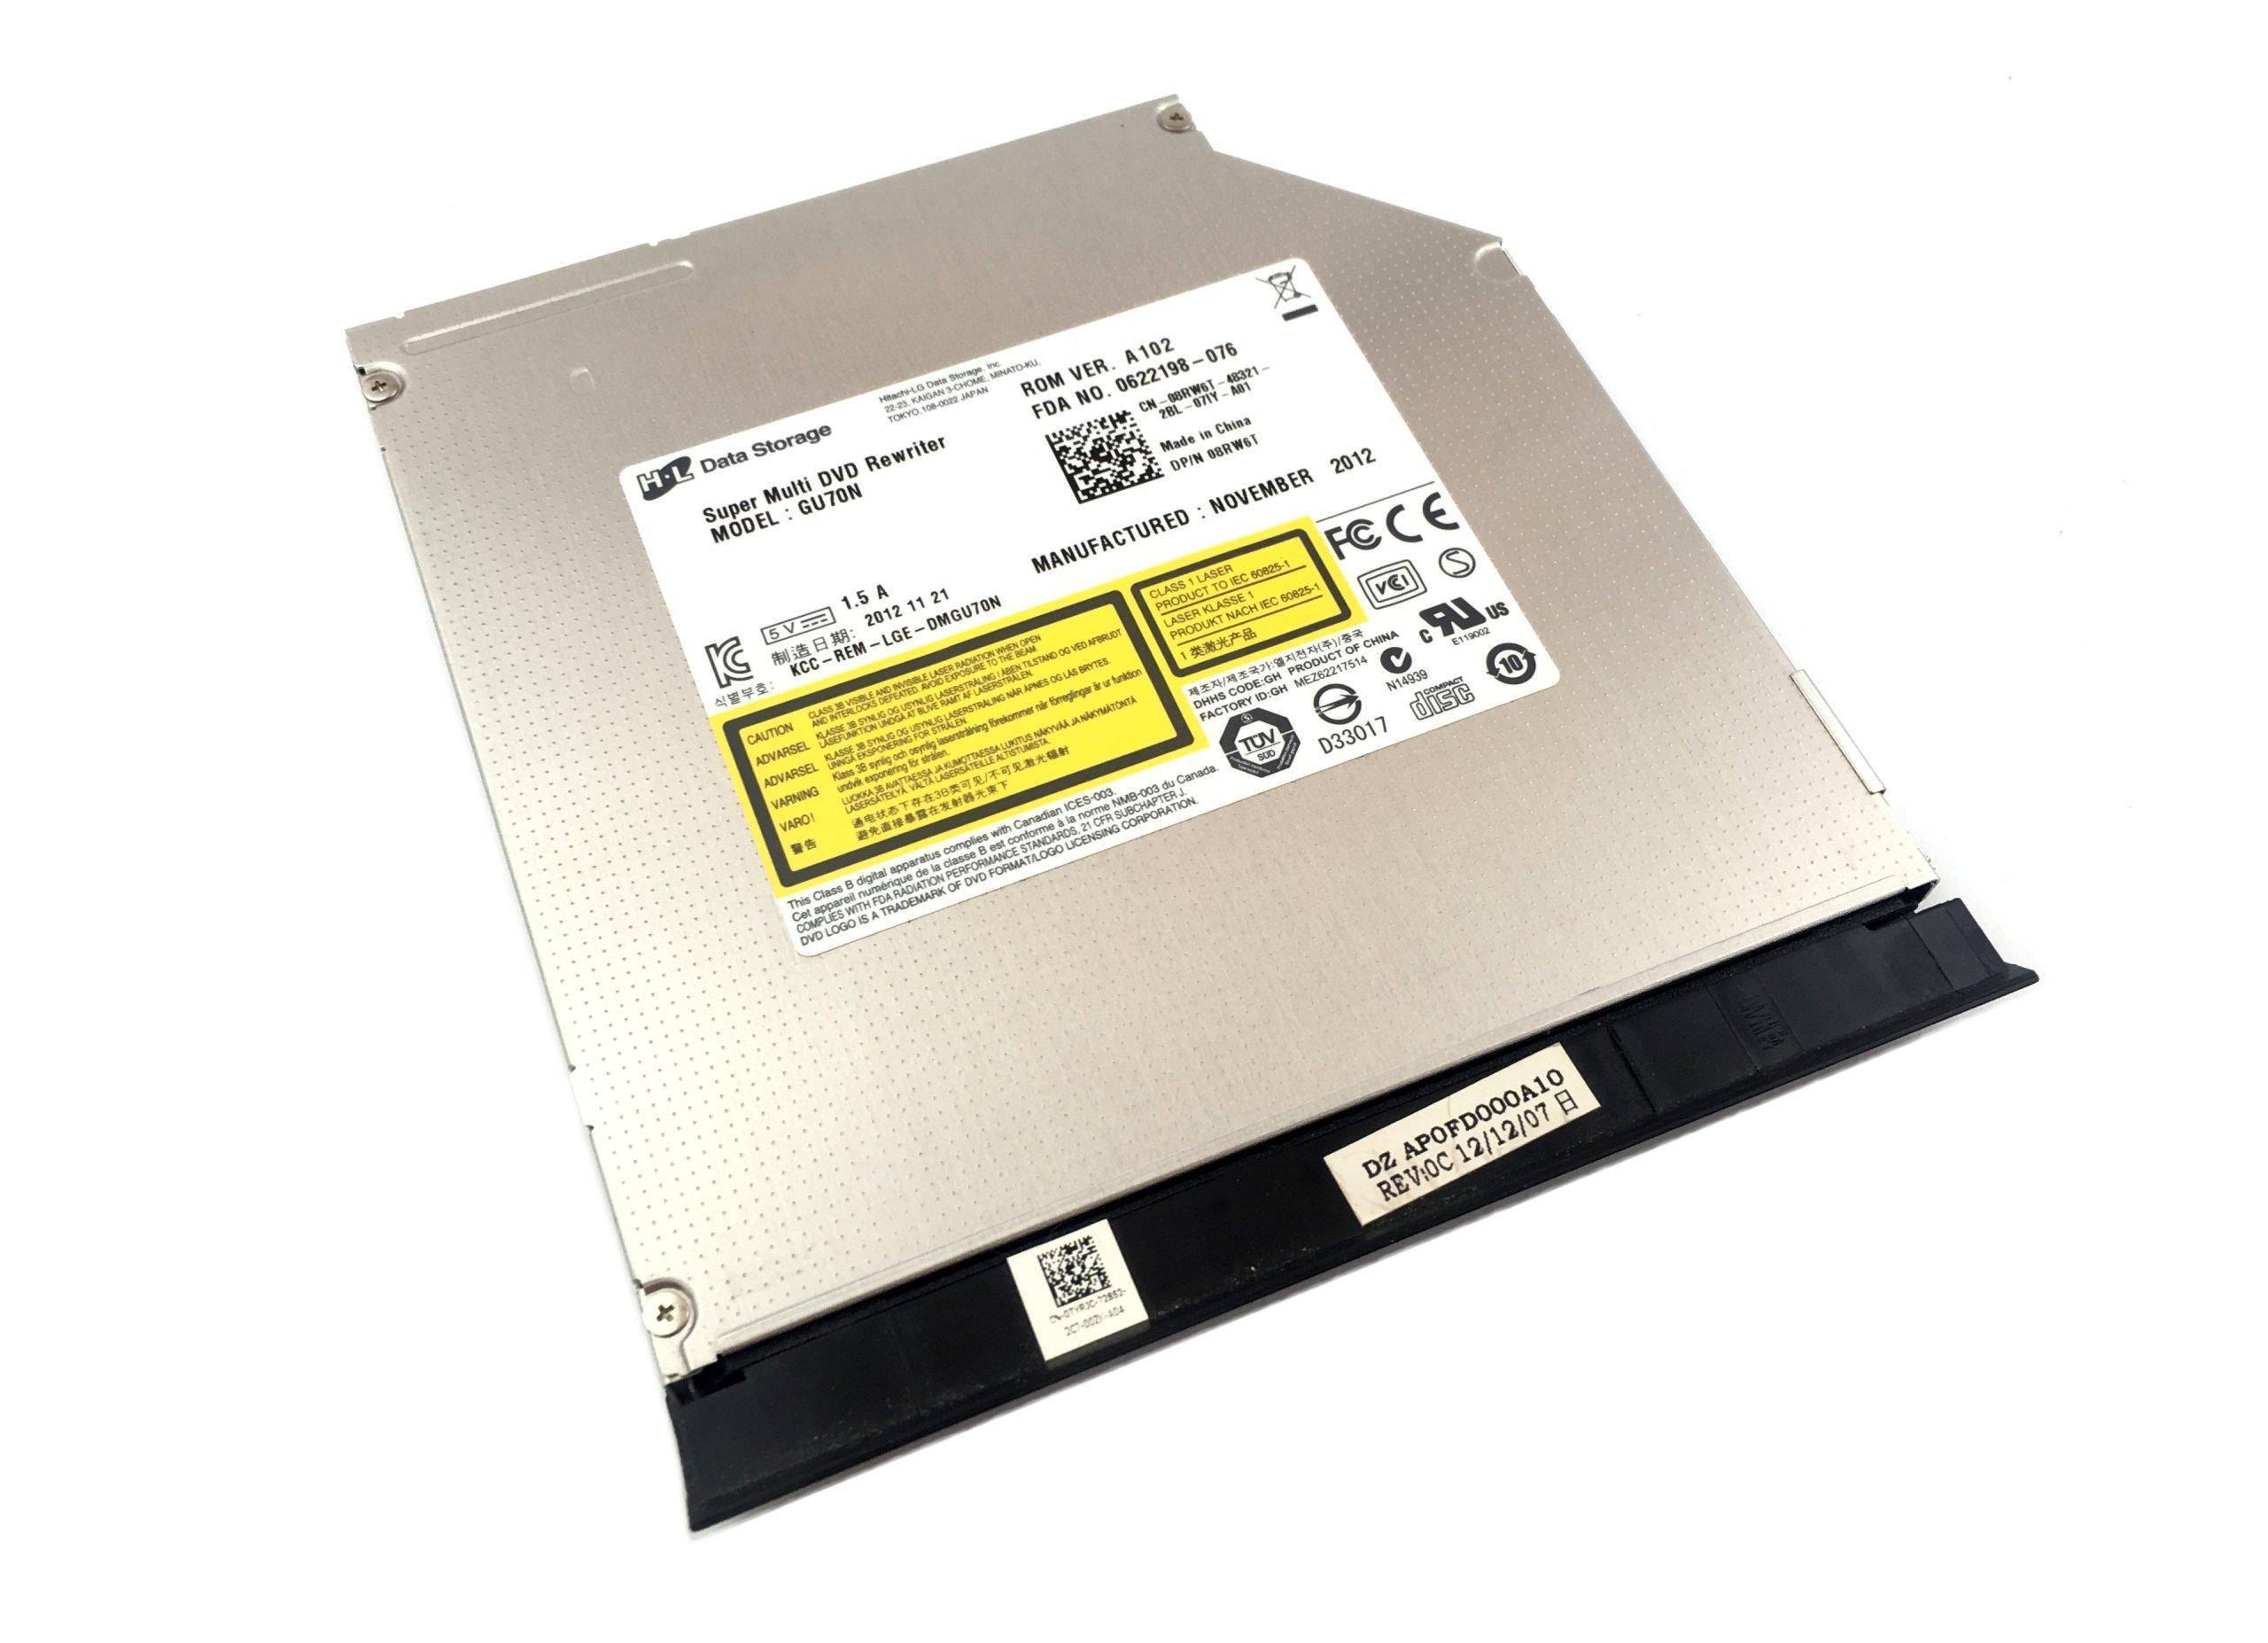 NAPĘD DVD DELL E6420 E6430 E6520 E6530 0TYRJC FV23